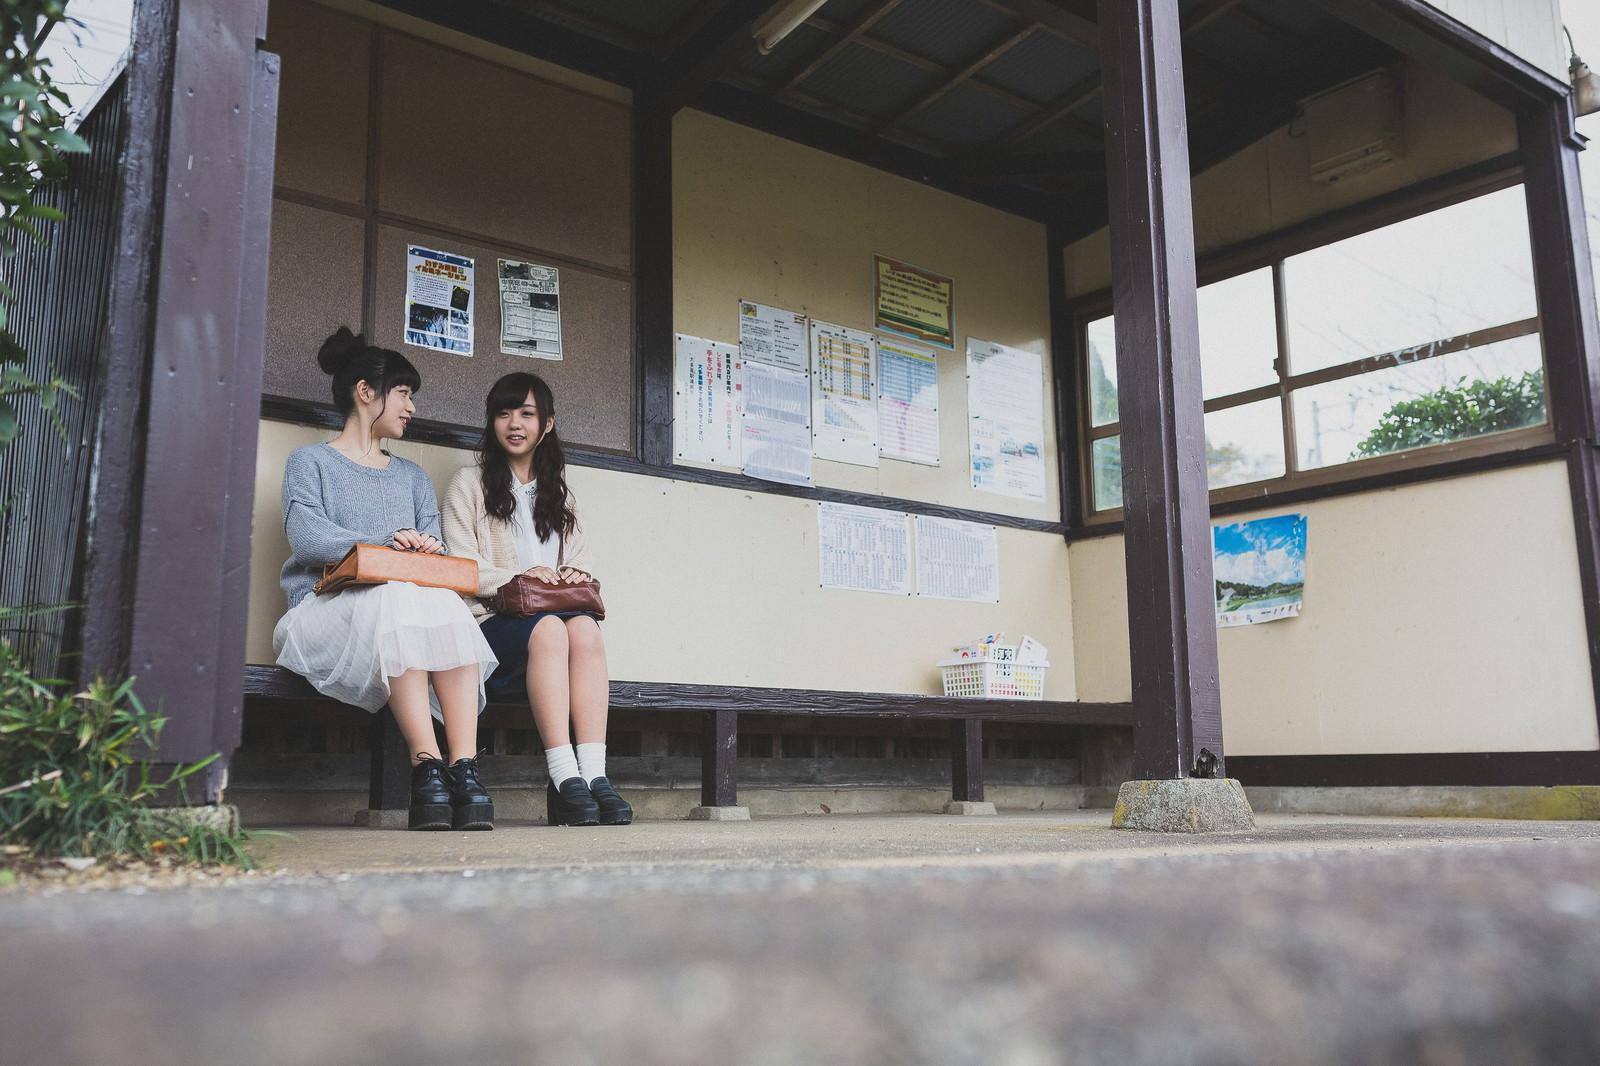 「電車の待ち時間に旅の思い出を共有する女性観光客」の写真[モデル:河村友歌 渡辺友美子]